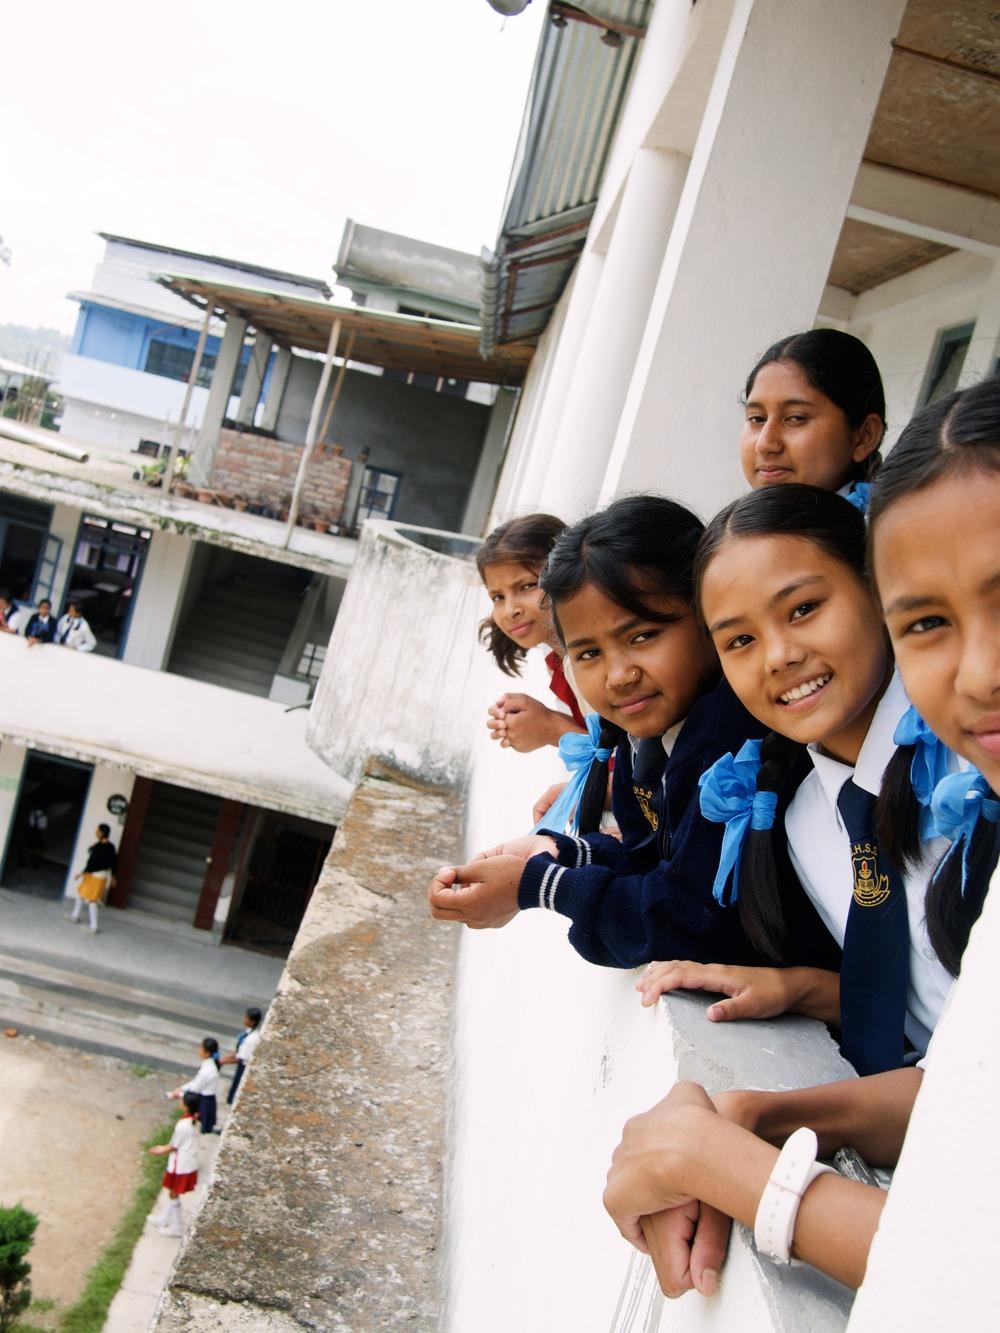 School friends!